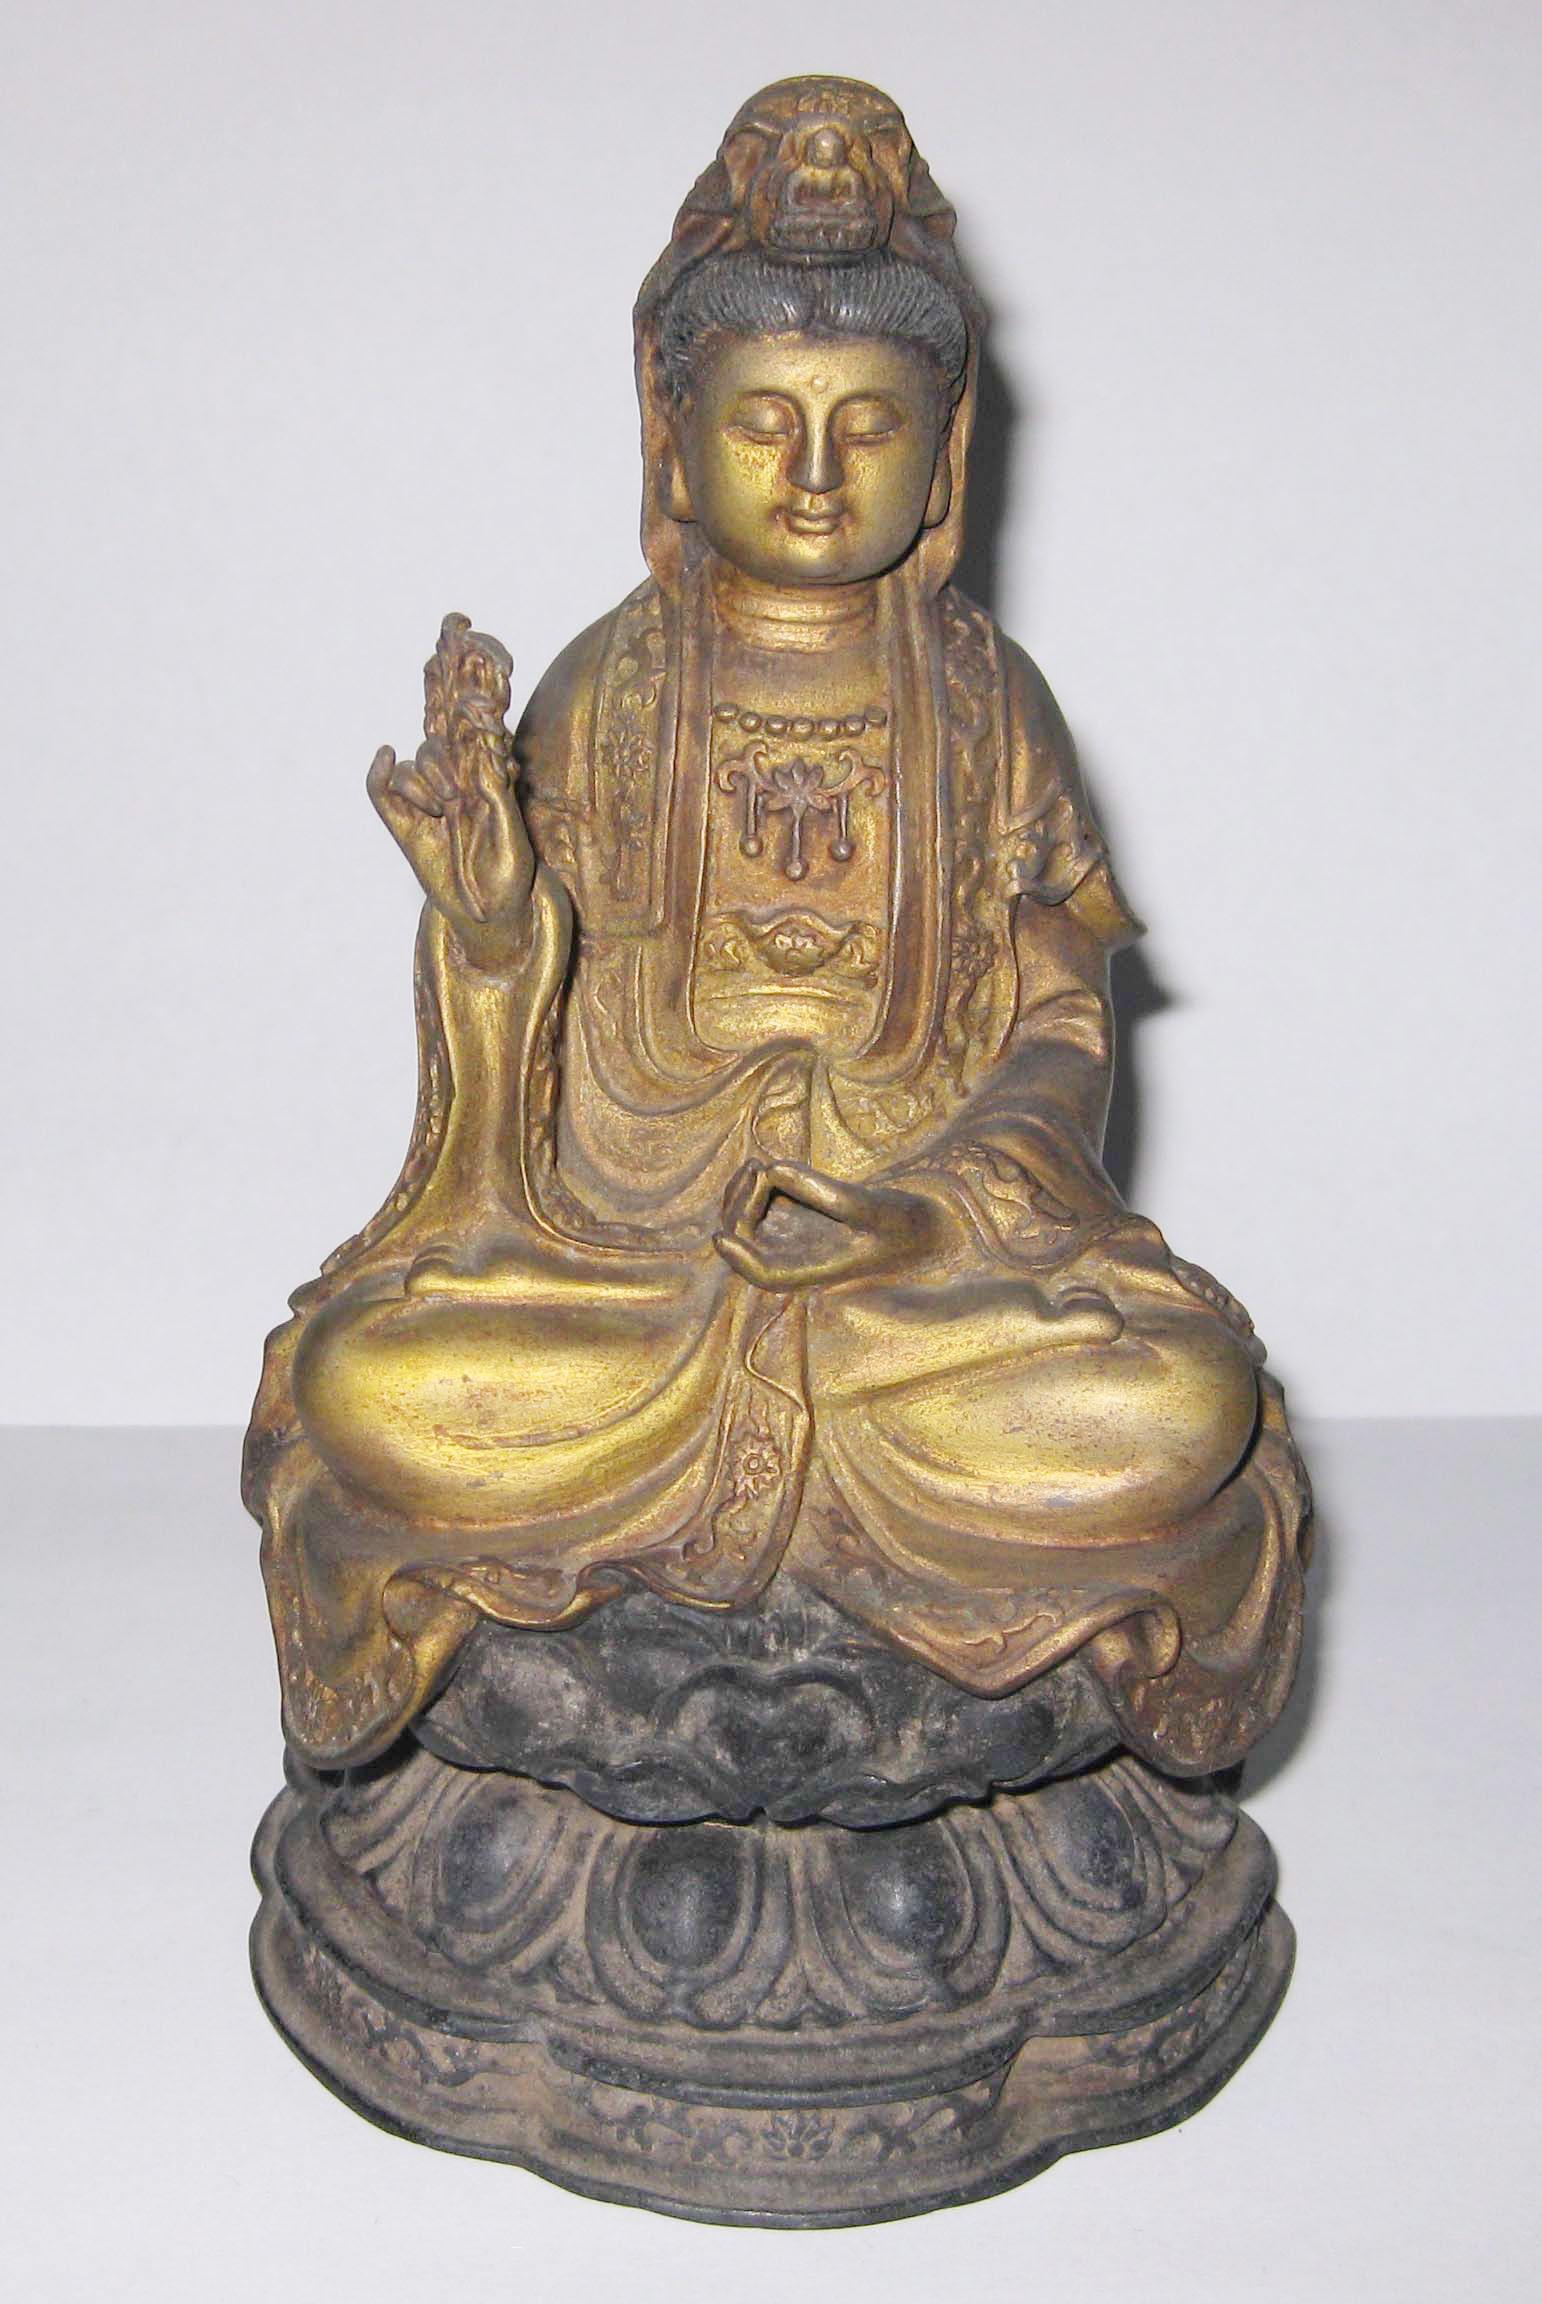 鎏金銅佛有很高的藝術收藏價值--鄭松維攝拷貝